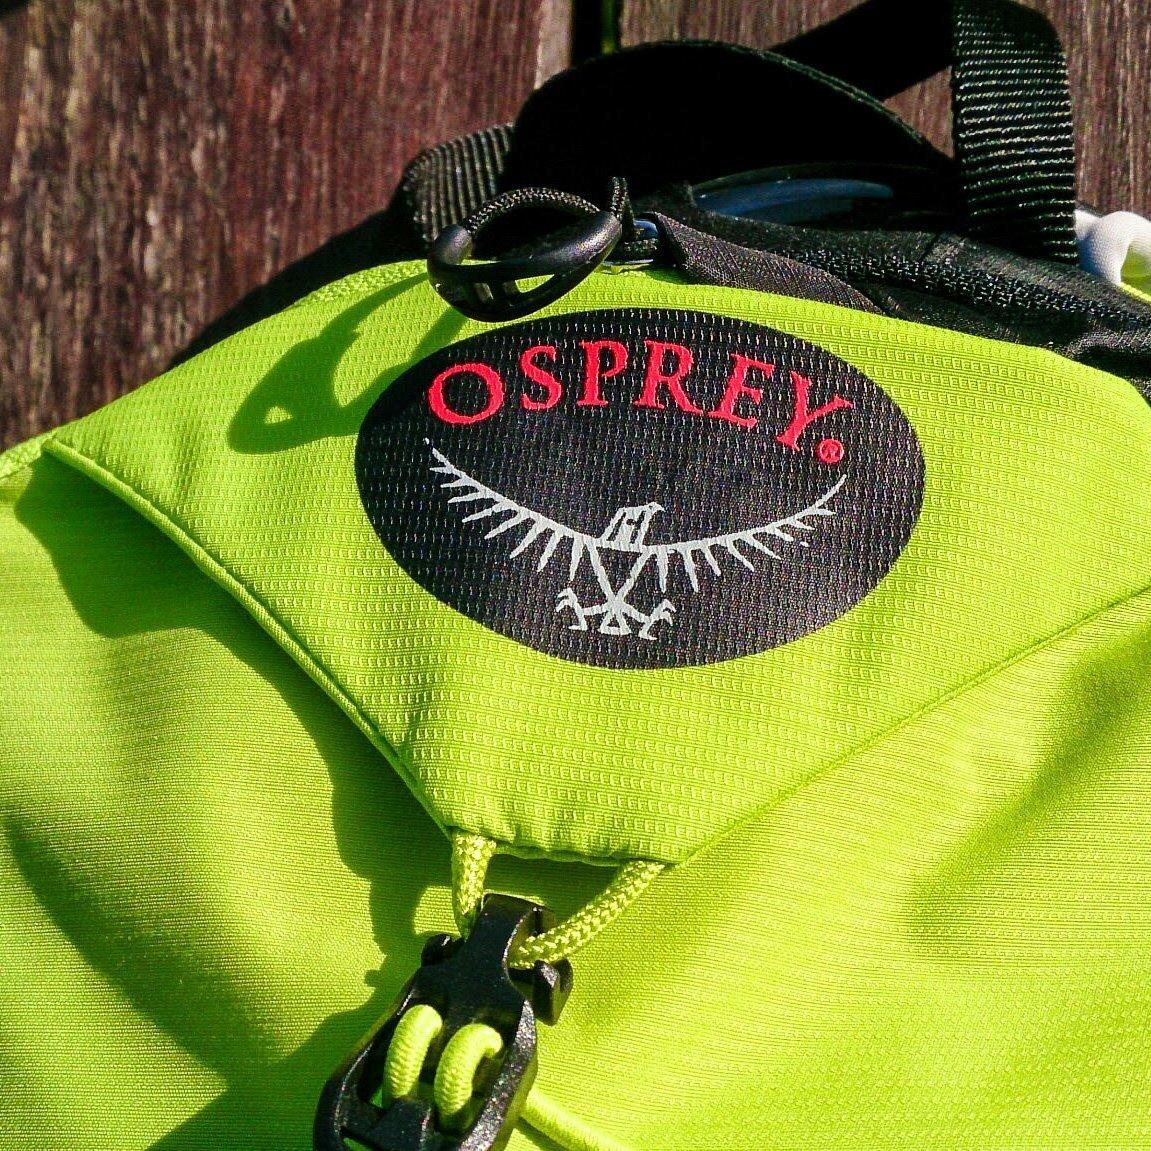 Osprey_rev15 (2 of 6)